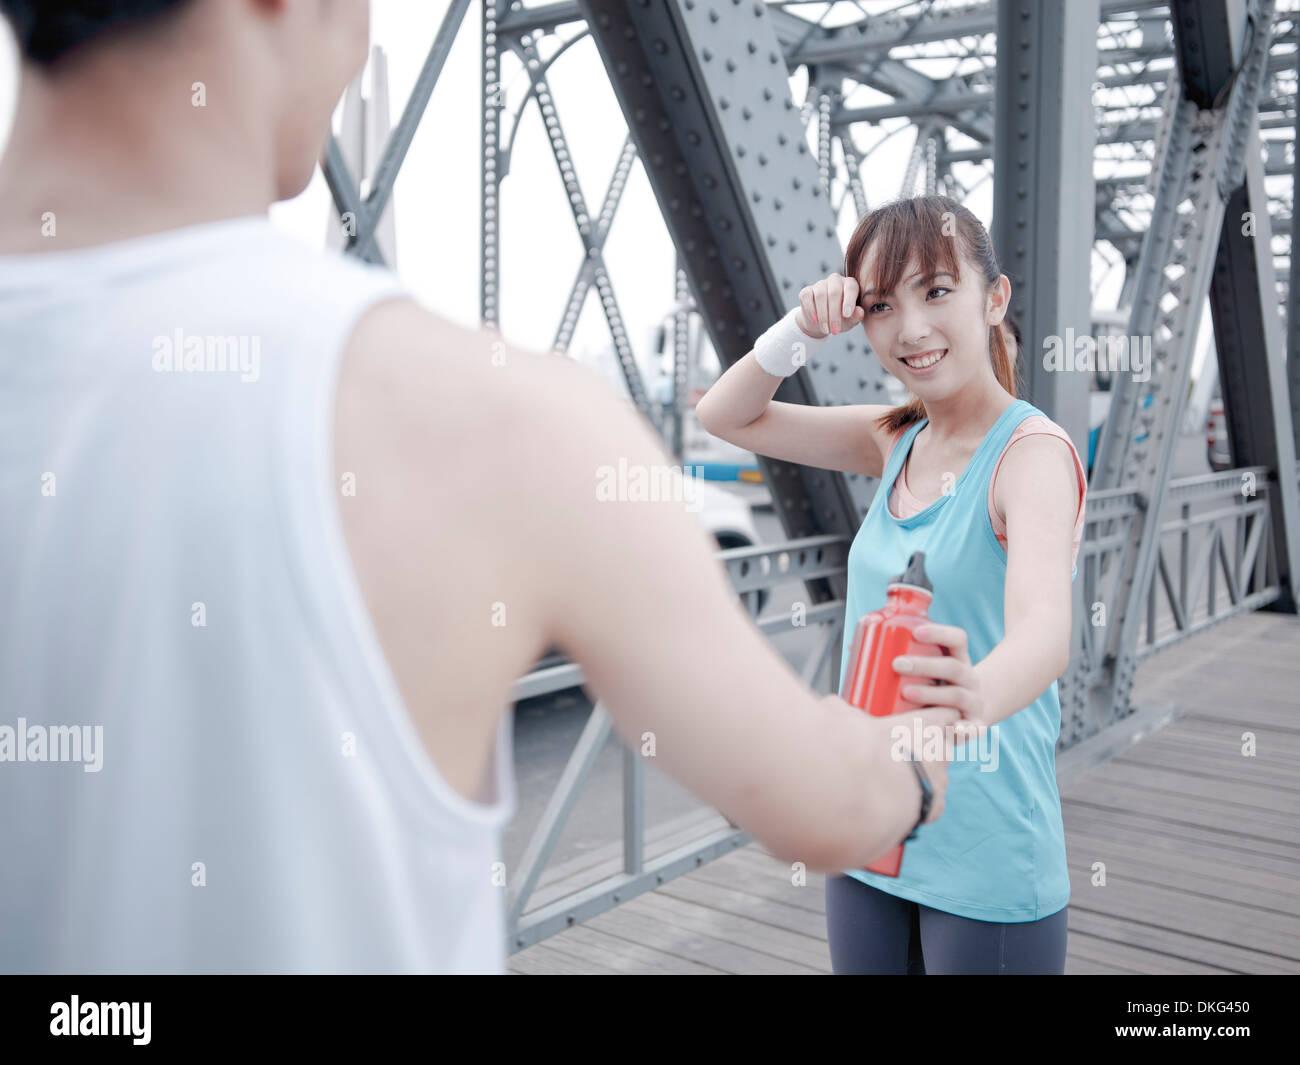 Pareggiatore maschio il passaggio di acqua in bottiglia al compagno femminile Immagini Stock